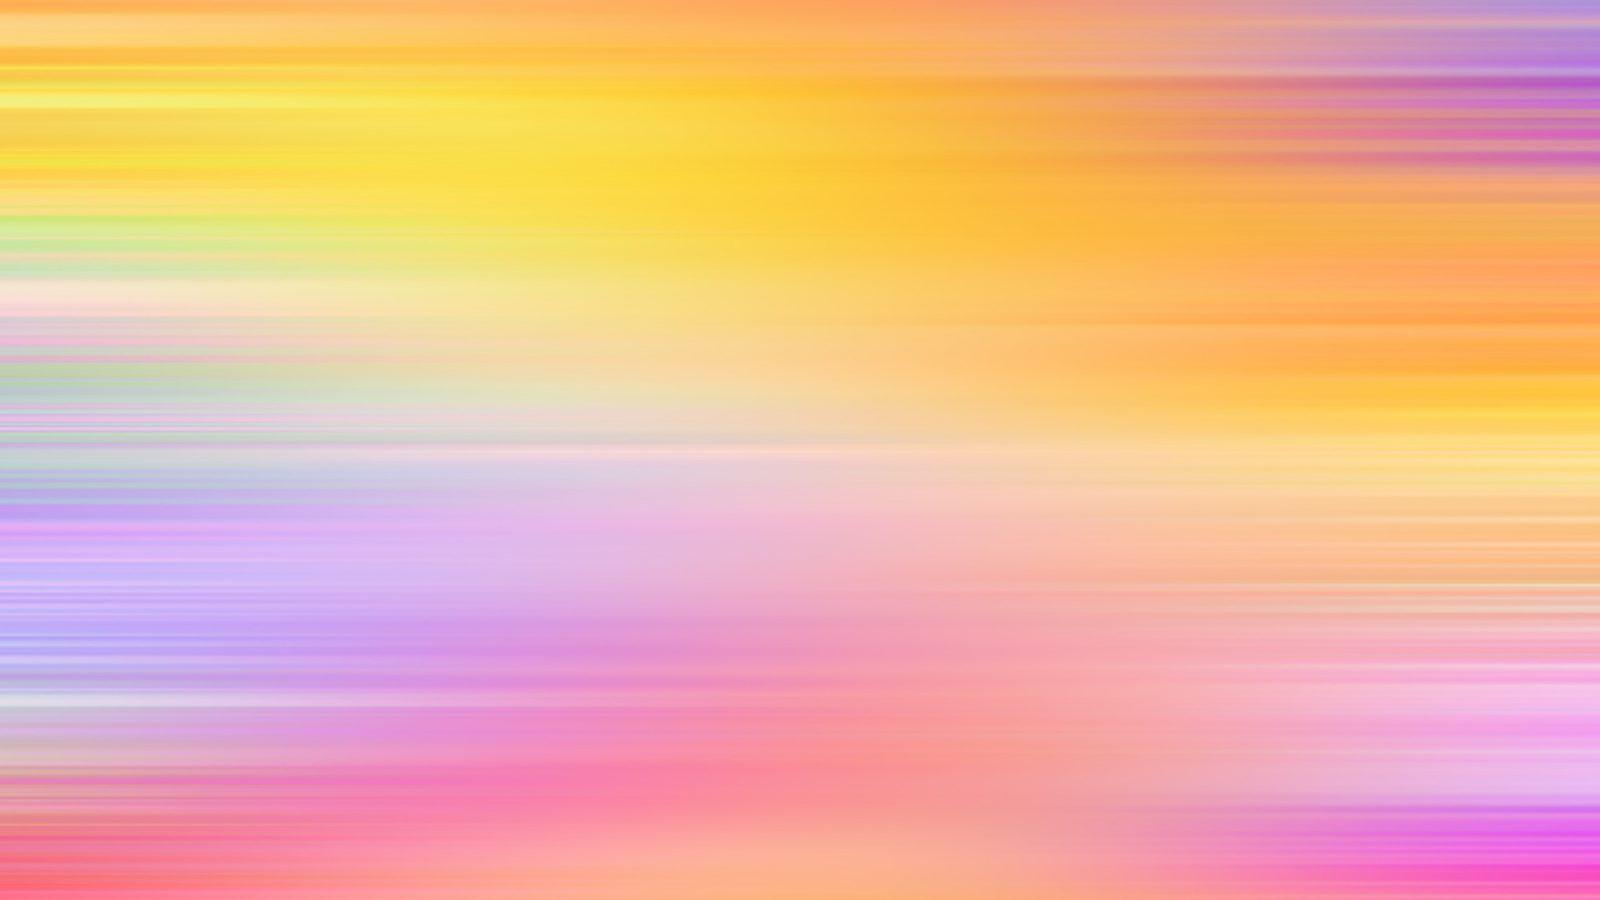 【AIと色】人工知能に色識別ゲームをさせたら、人に似た分類をした。【AI×エンタメ】(論文解説)